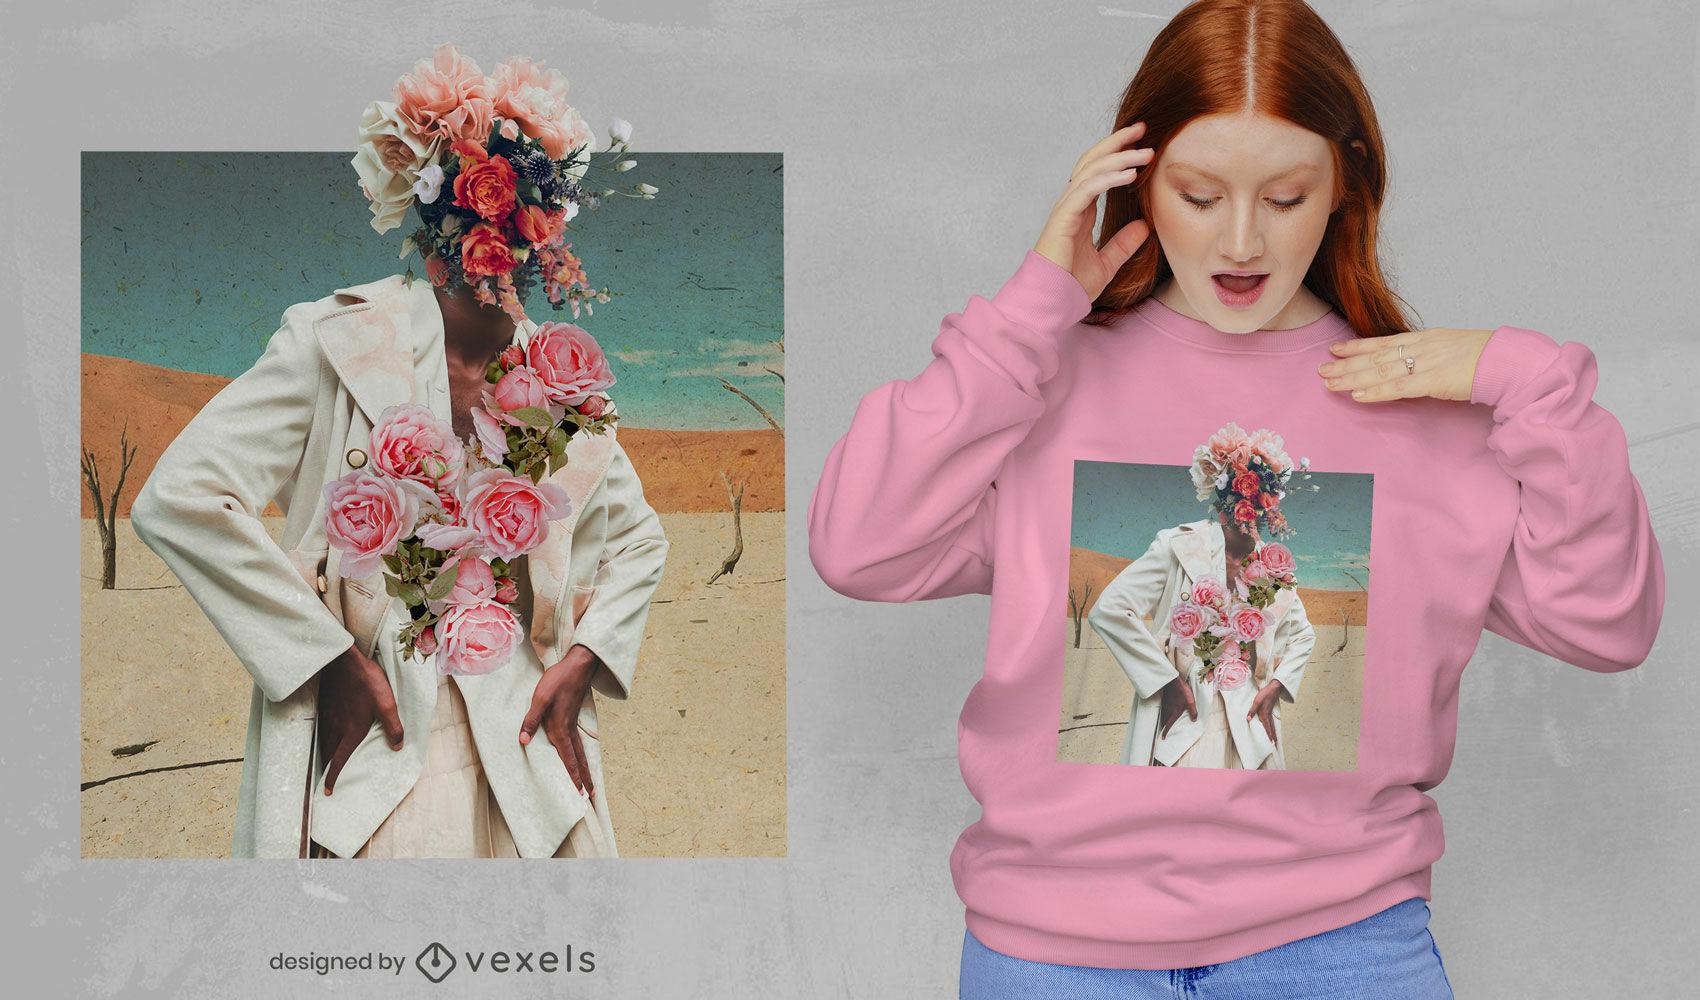 Flores modelo ni?a collage psd dise?o de camiseta